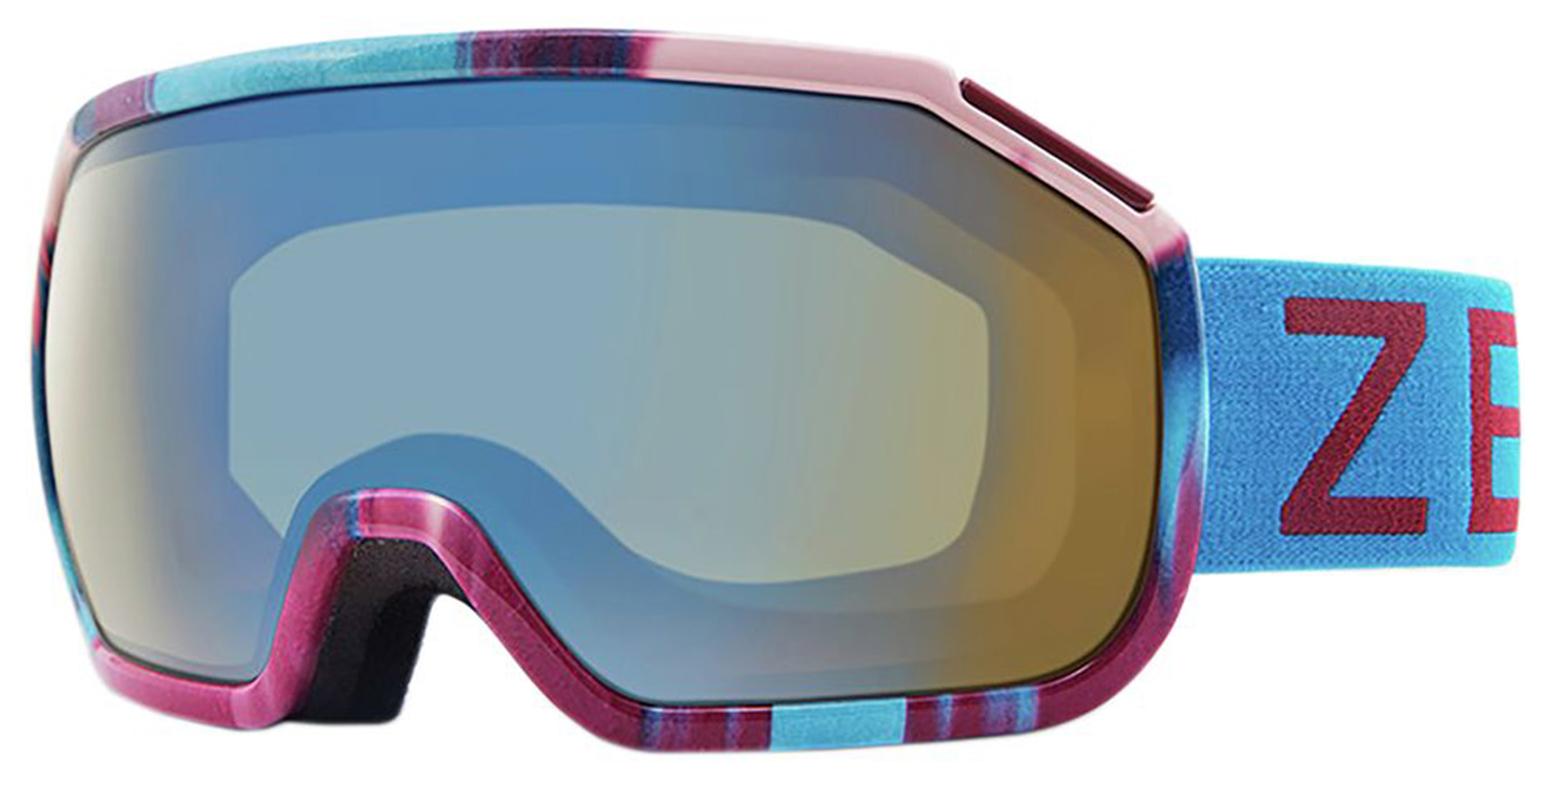 Zeal Fargo goggles